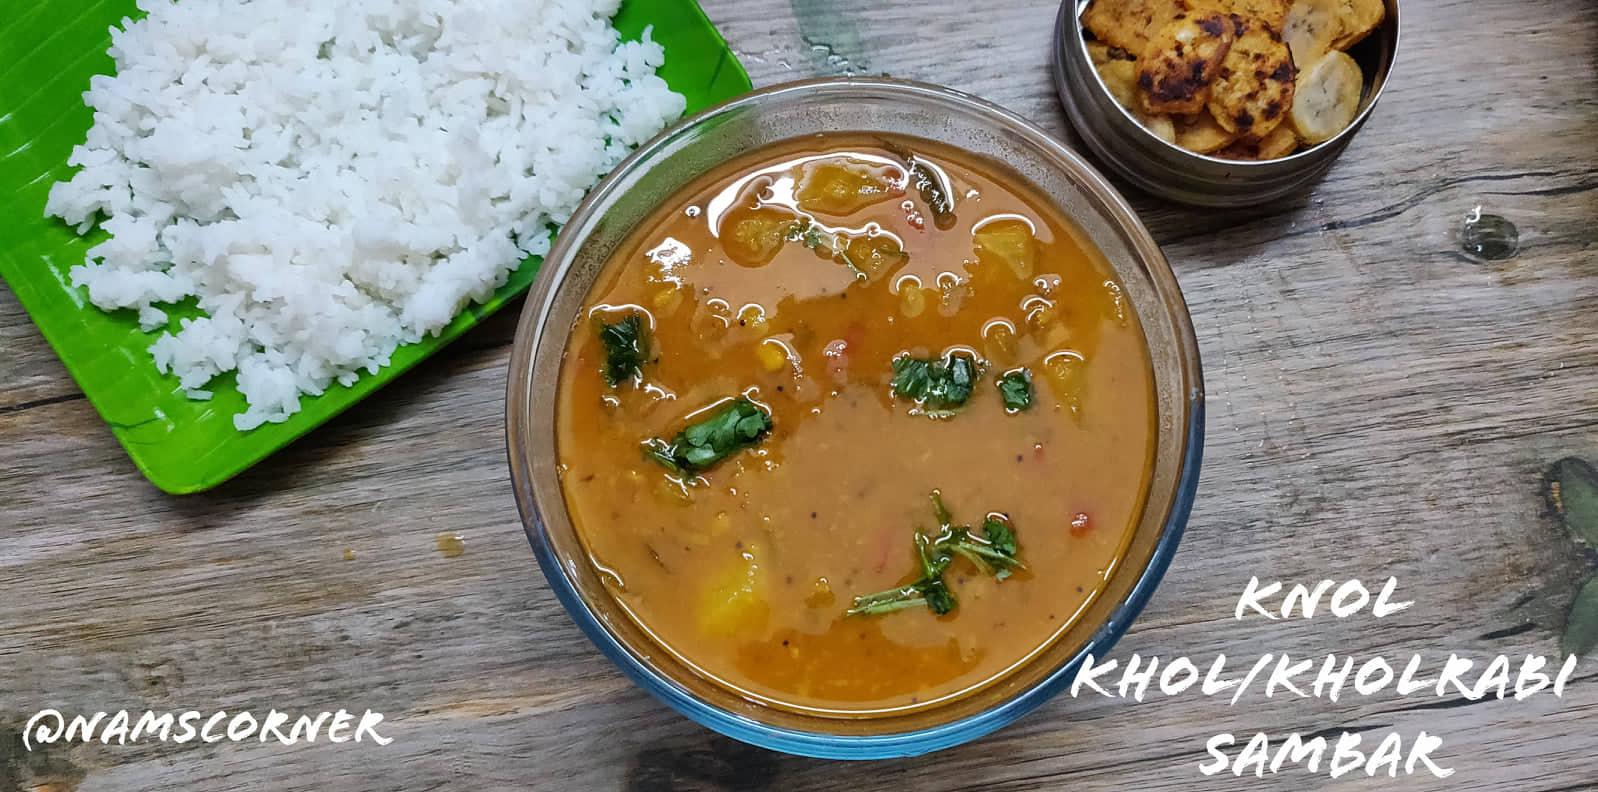 Knol Khol Sambar Recipe | Kohlrabi Sambar